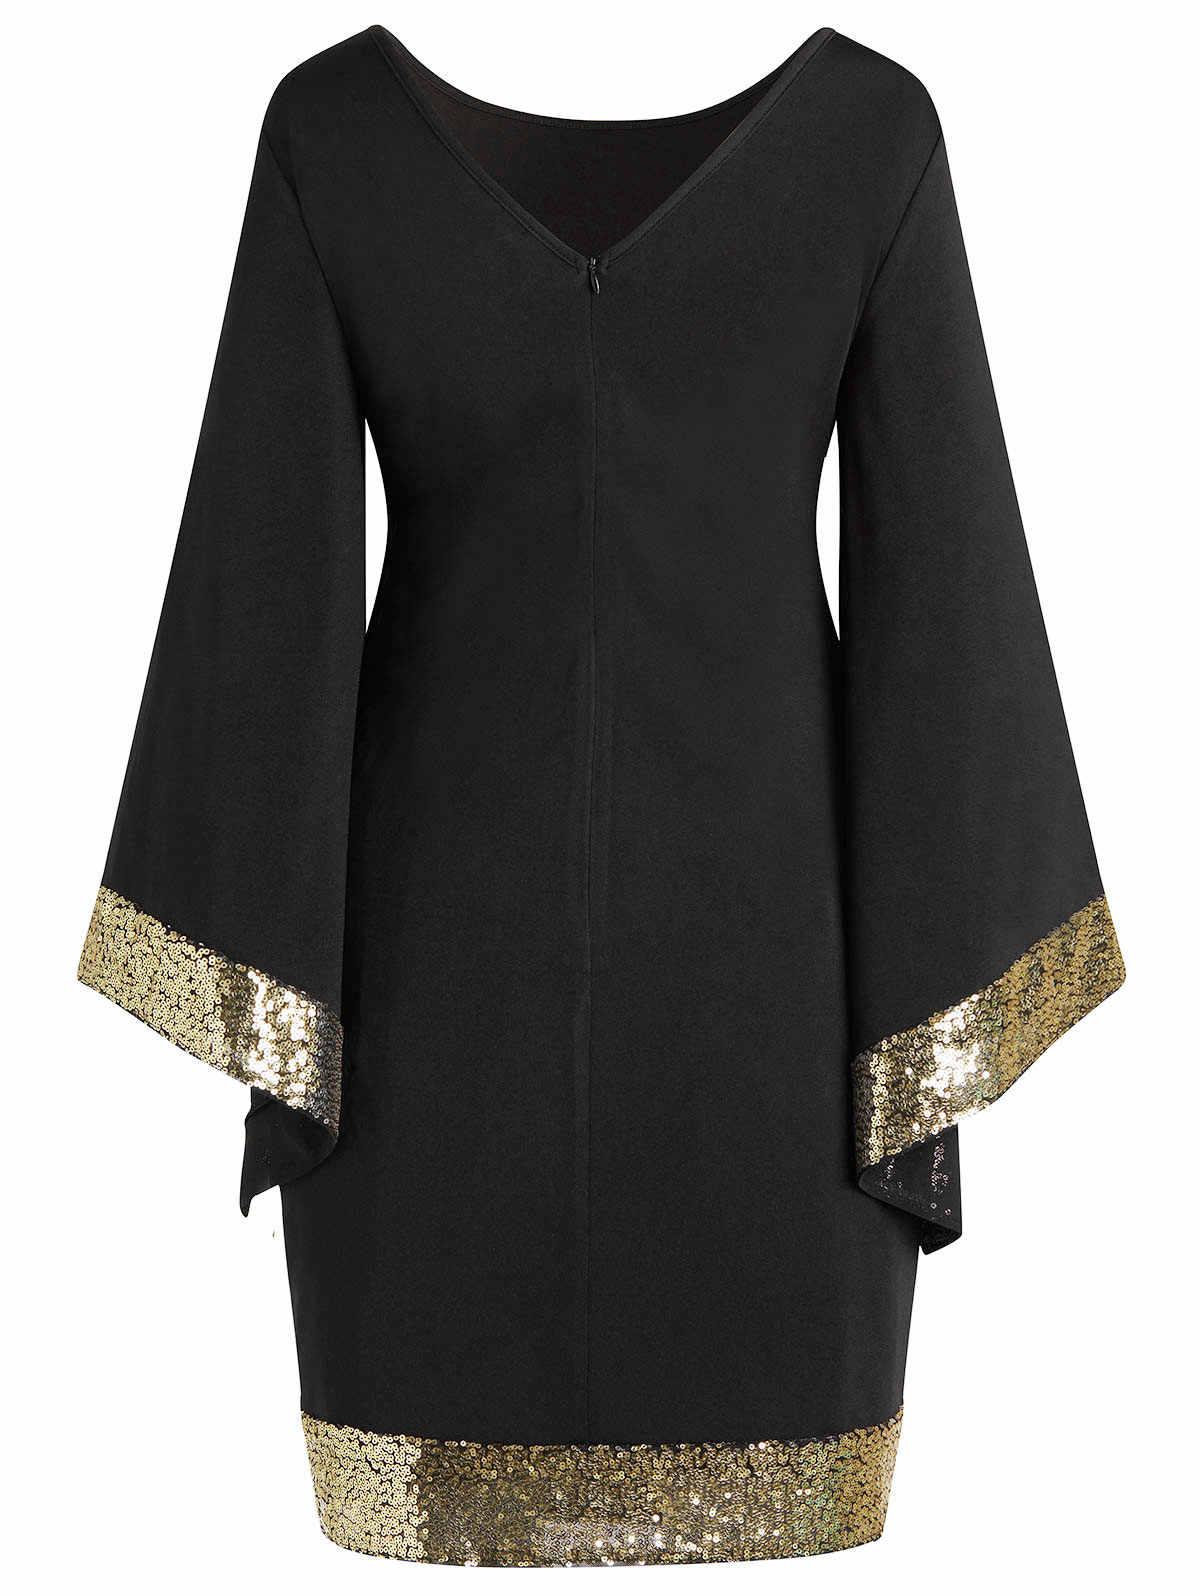 Wipalo для женщин; Большие размеры блёстки с расклешенными рукавами платье однотонное элегантное платье с v-образным вырезом на шее, Bodycon Вечерние Платье Женский Офисные женские туфли платье 5XL Vestido